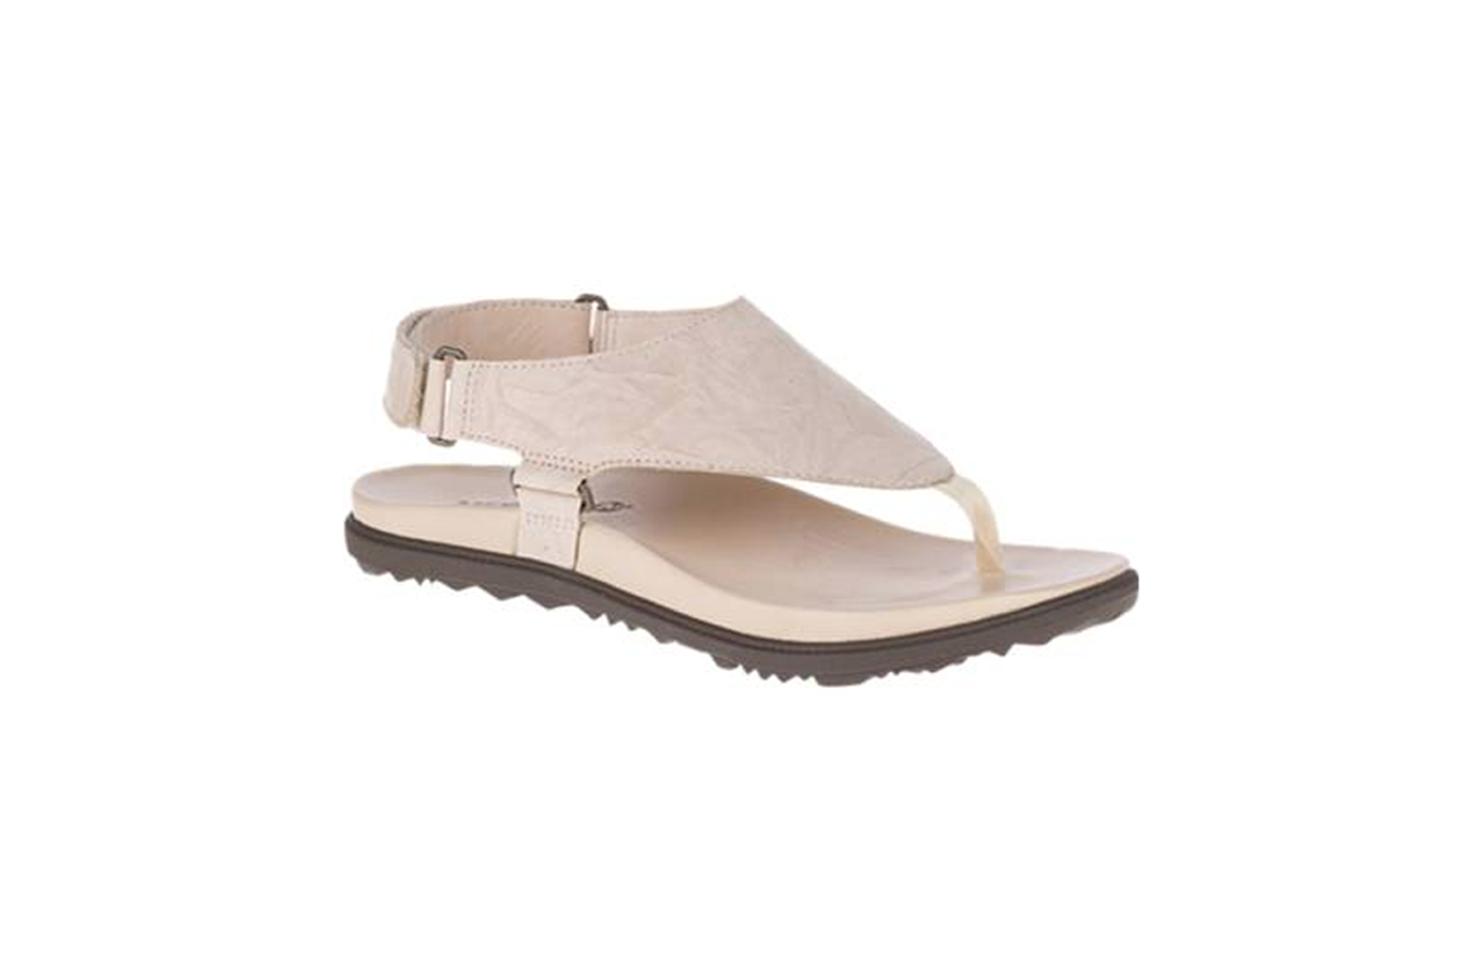 hiking sandals womens merrell around town